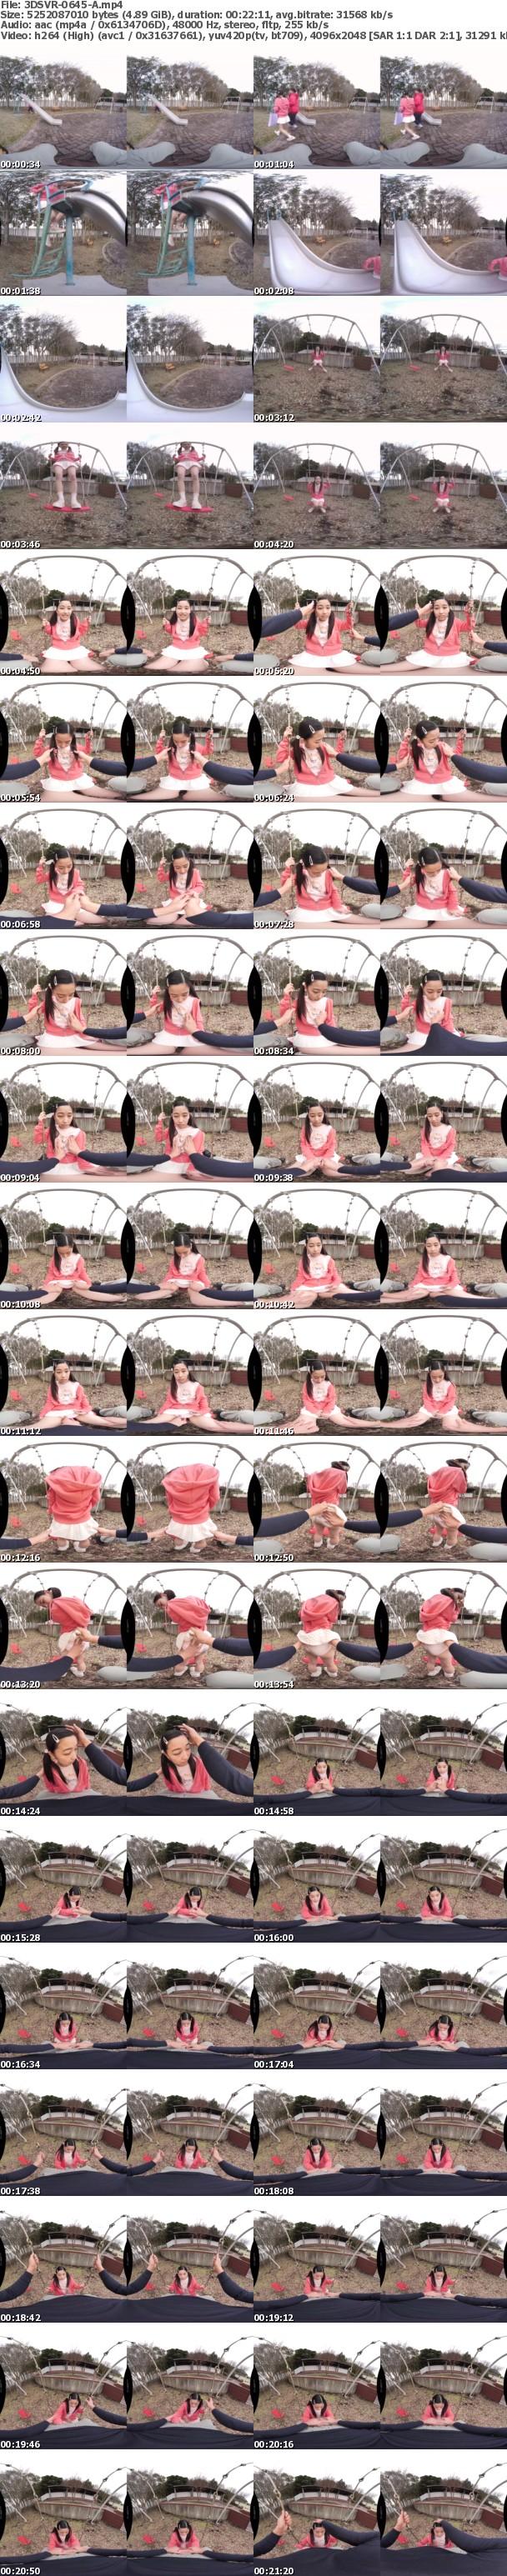 (VR) 3DSVR-0645 お母さんの目が離れた隙に公園でわいせつ